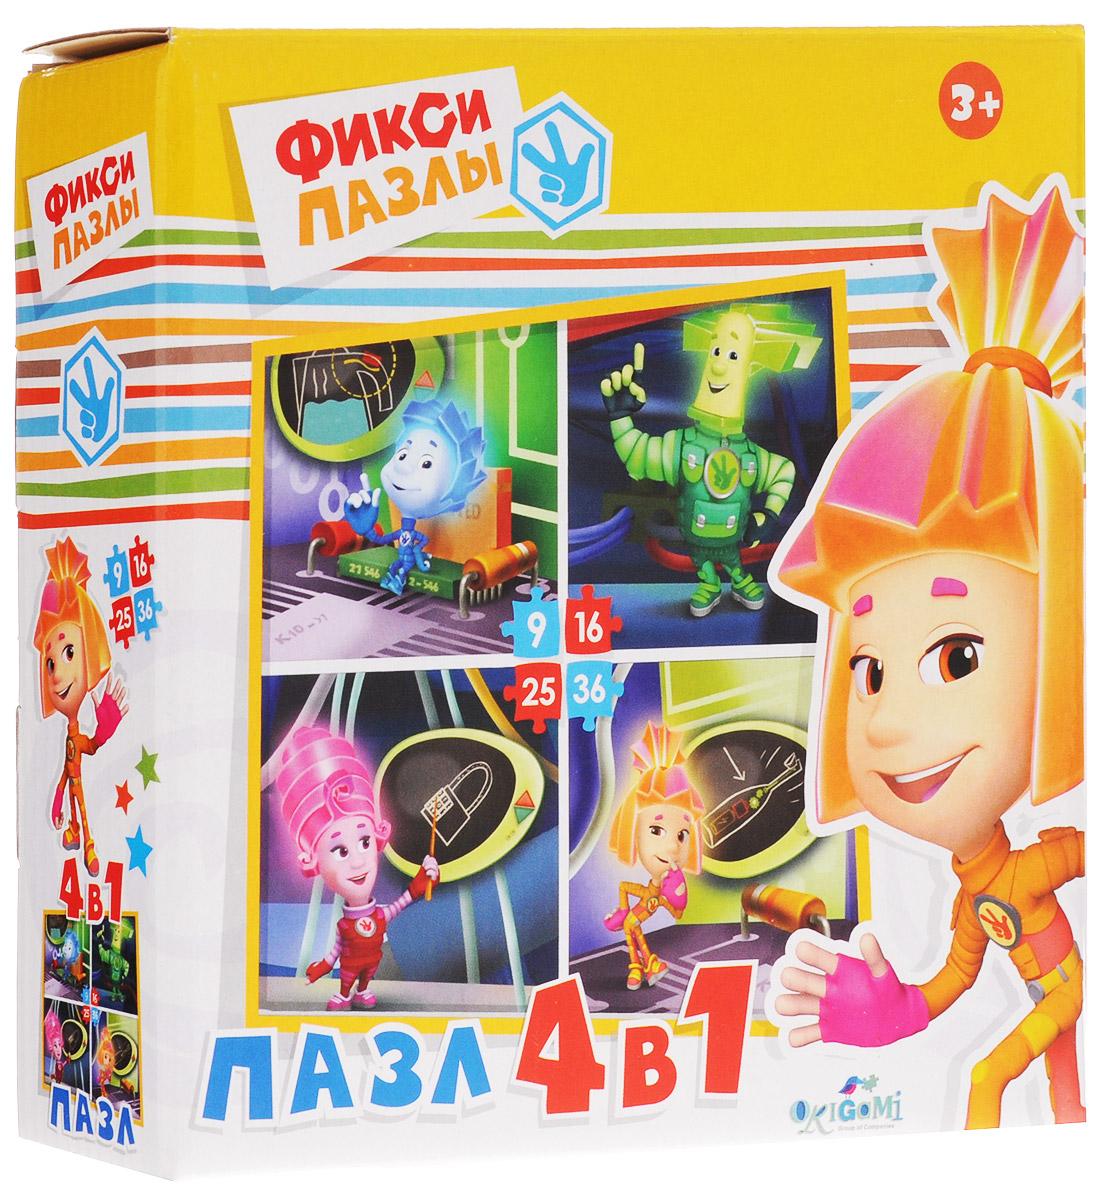 Оригами Пазл для малышей Фиксики 4 в 1 1255012550Красочный пазл Оригами Фиксики 4 в 1 - наилучшее решение для развития вашего малыша. Собирая картинку из отдельных элементов, малыш учится соотносить отдельные фрагменты в целое изображение, подбирать элементы по цвету и форме. Пазл поможет развить у малыша мелкую моторику рук, цветовосприятие, воображение и логическое мышление, научит видеть большое в малом. Вознаграждением за усердие будет красивая картинка.